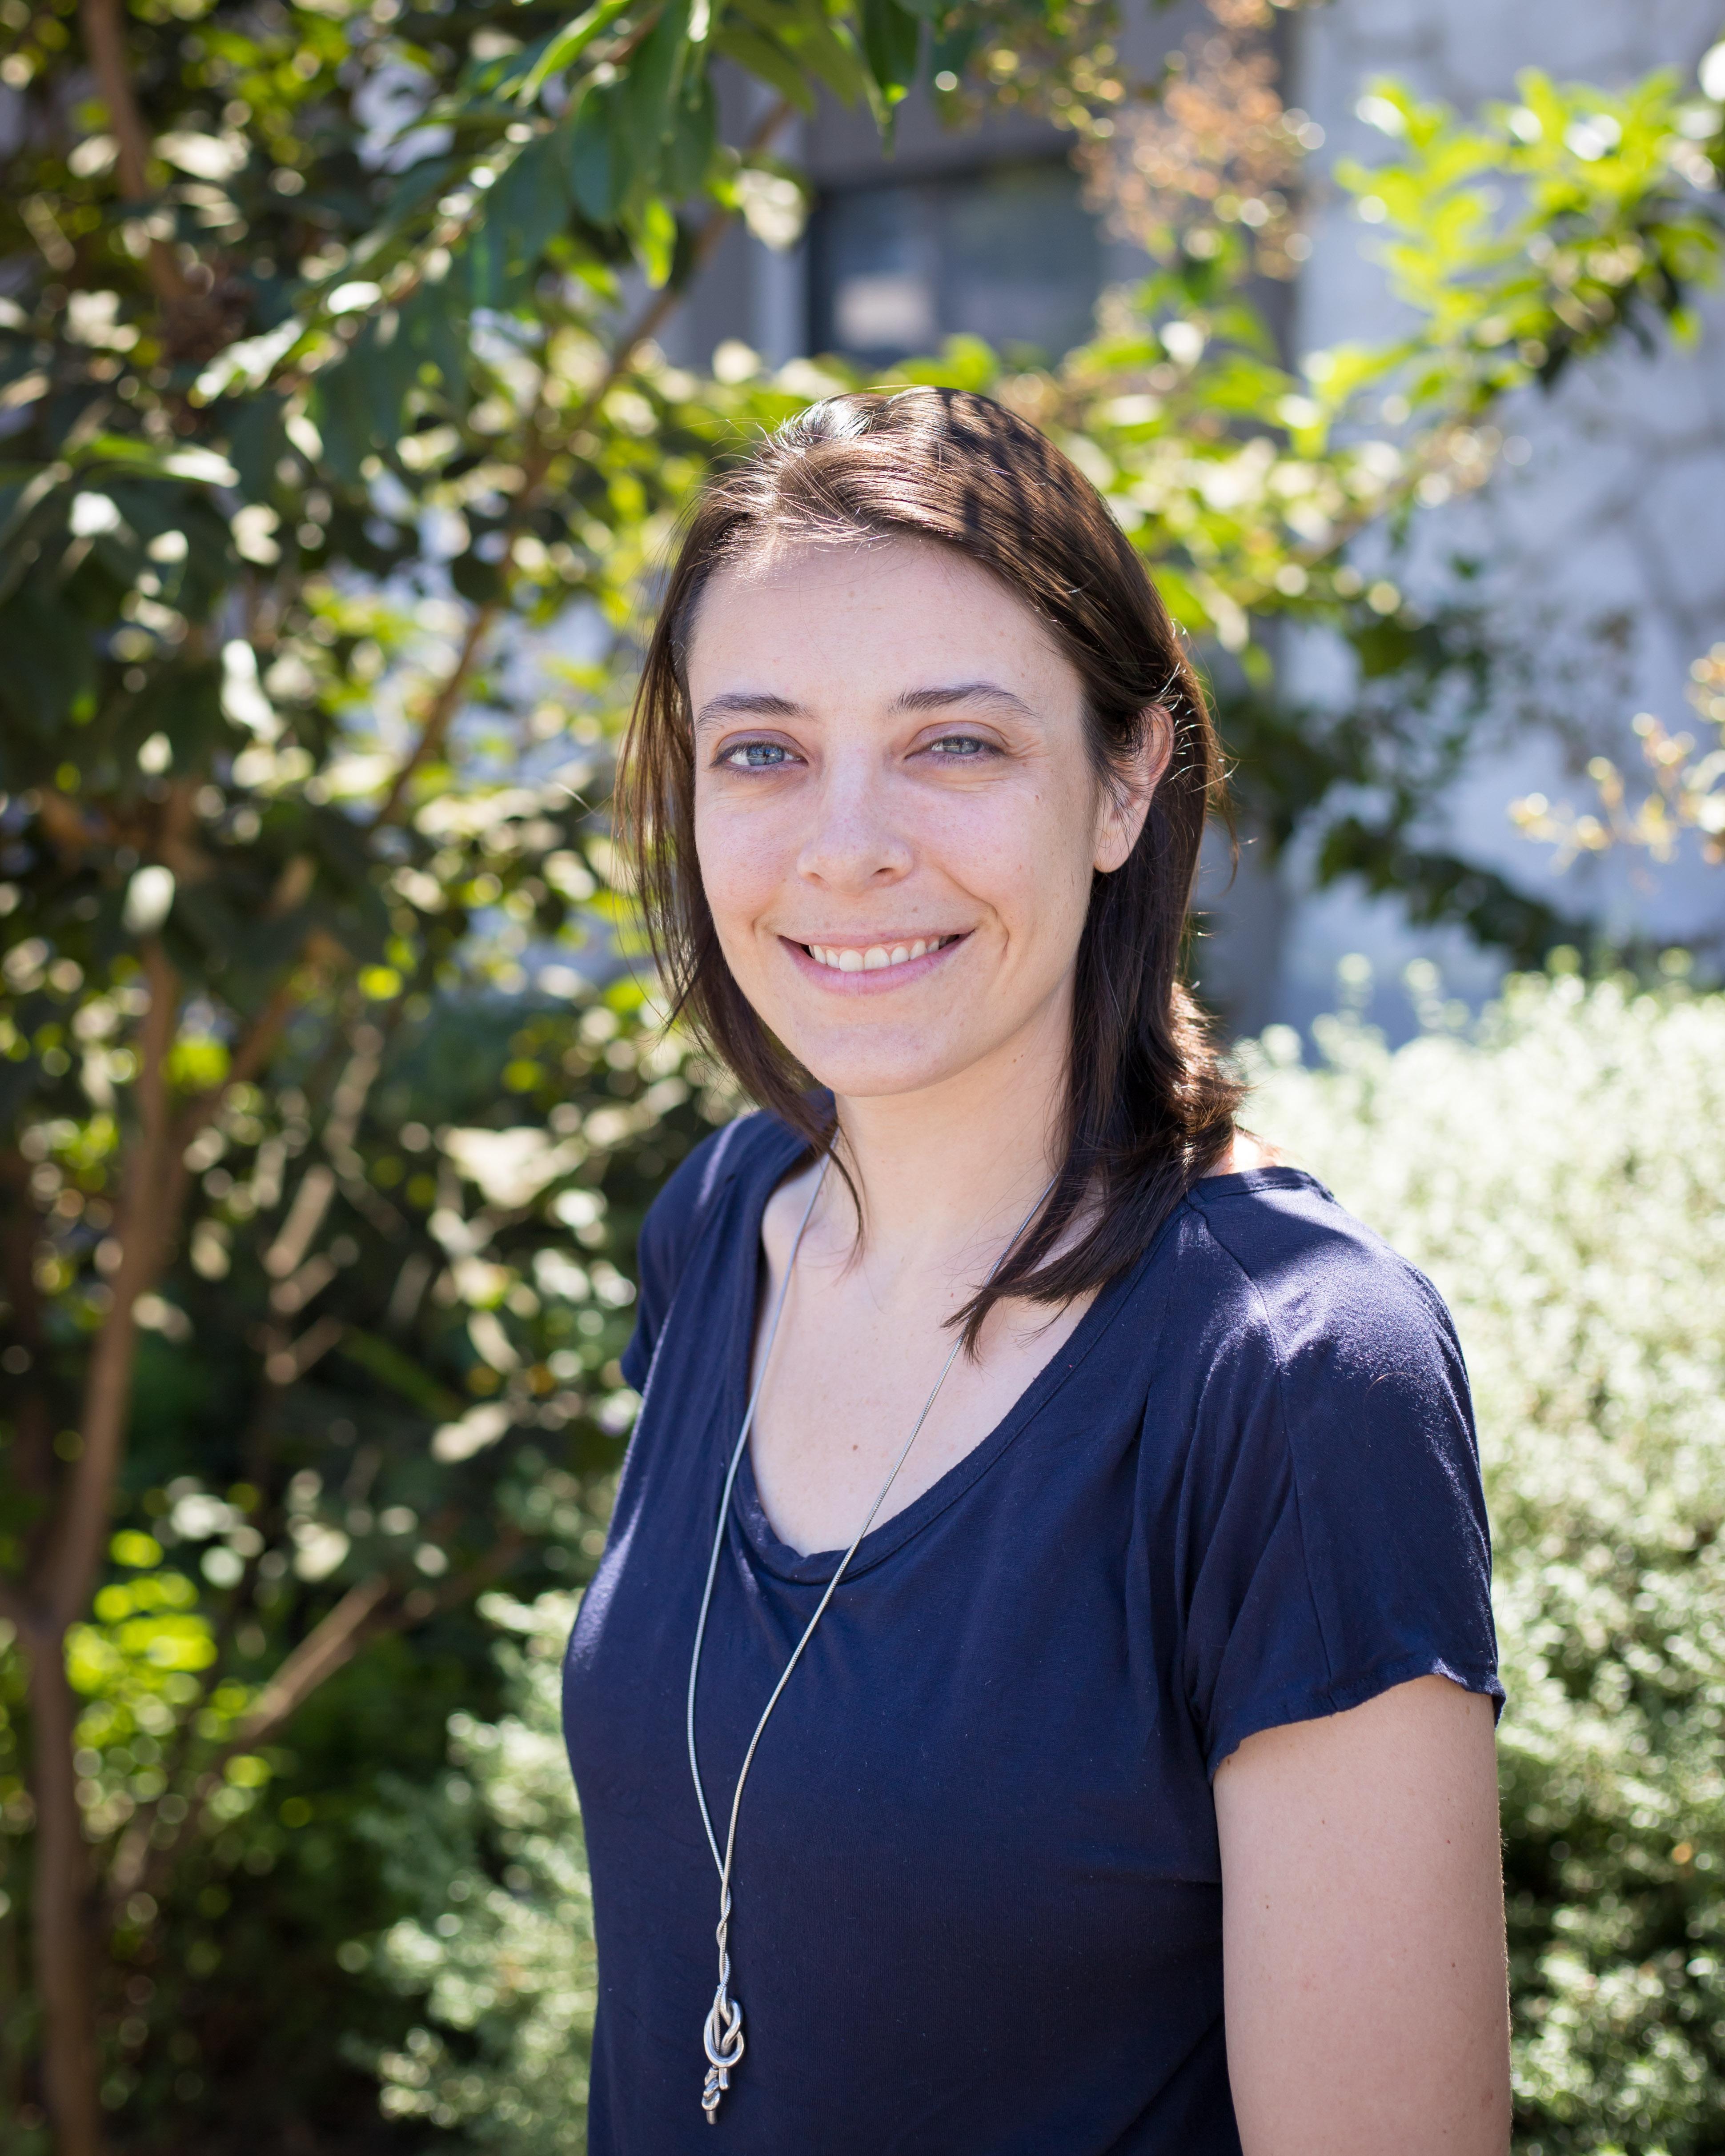 Sdsu Academic Calendar 2020 SDSU Department of Psychology – Dr. Jonni Johnson was selected as